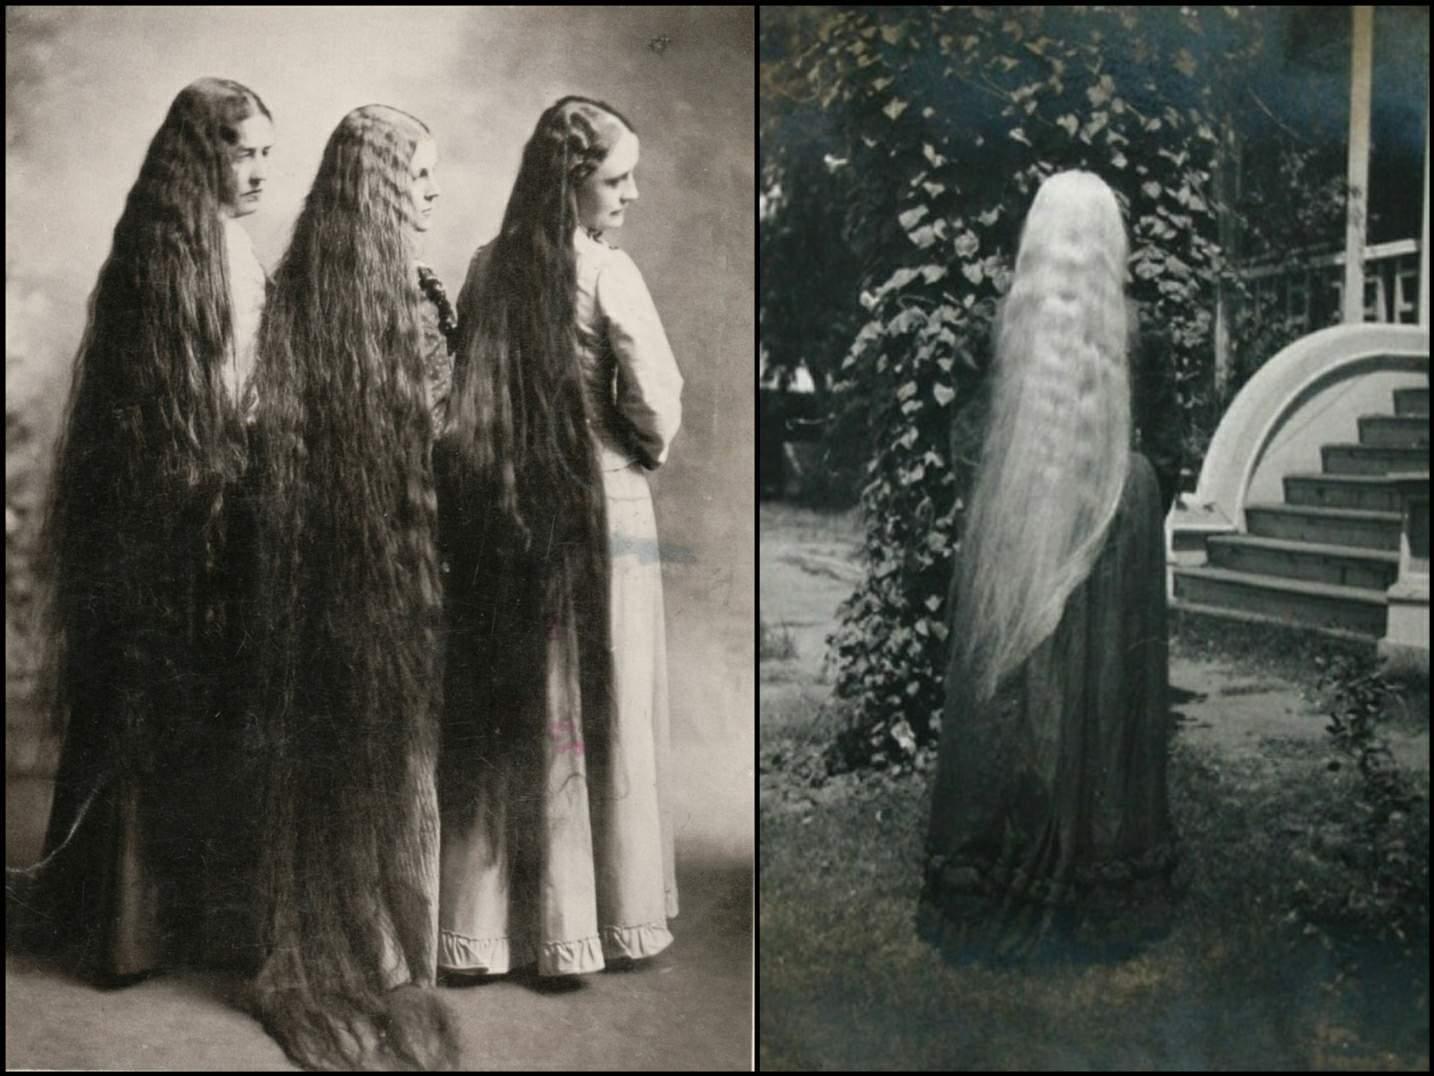 Vril ladies